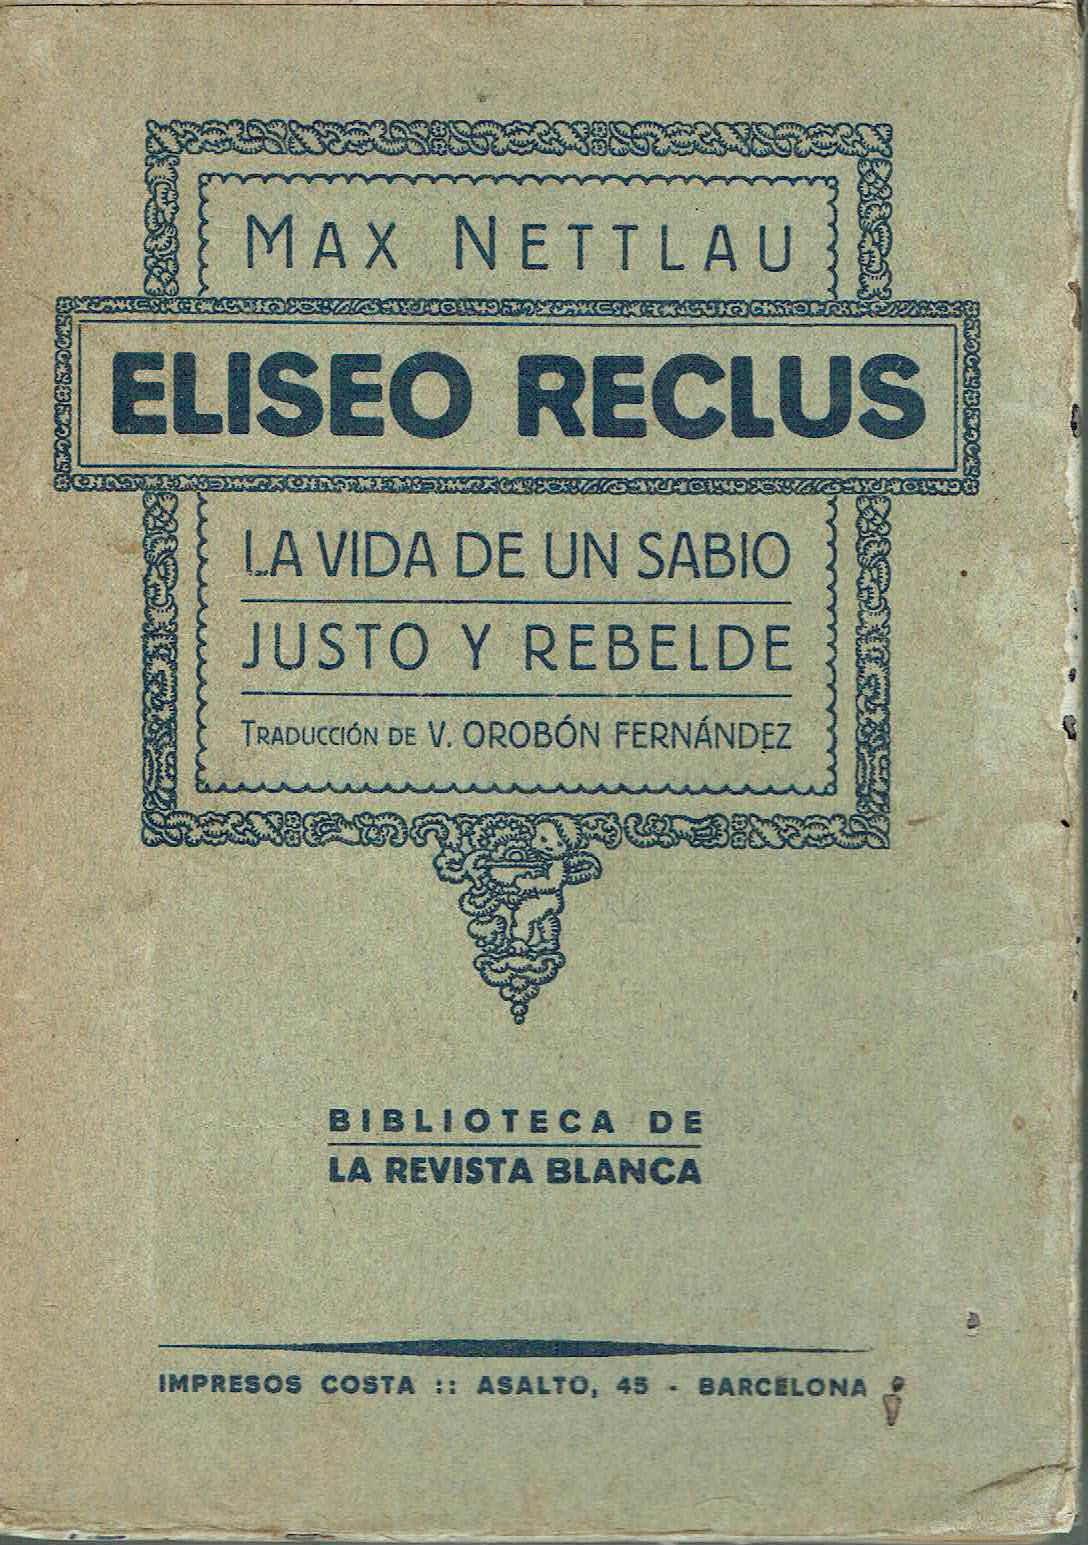 Eliseo Reclus La vida de un sabio, justo y rebelde - Max Nettlau